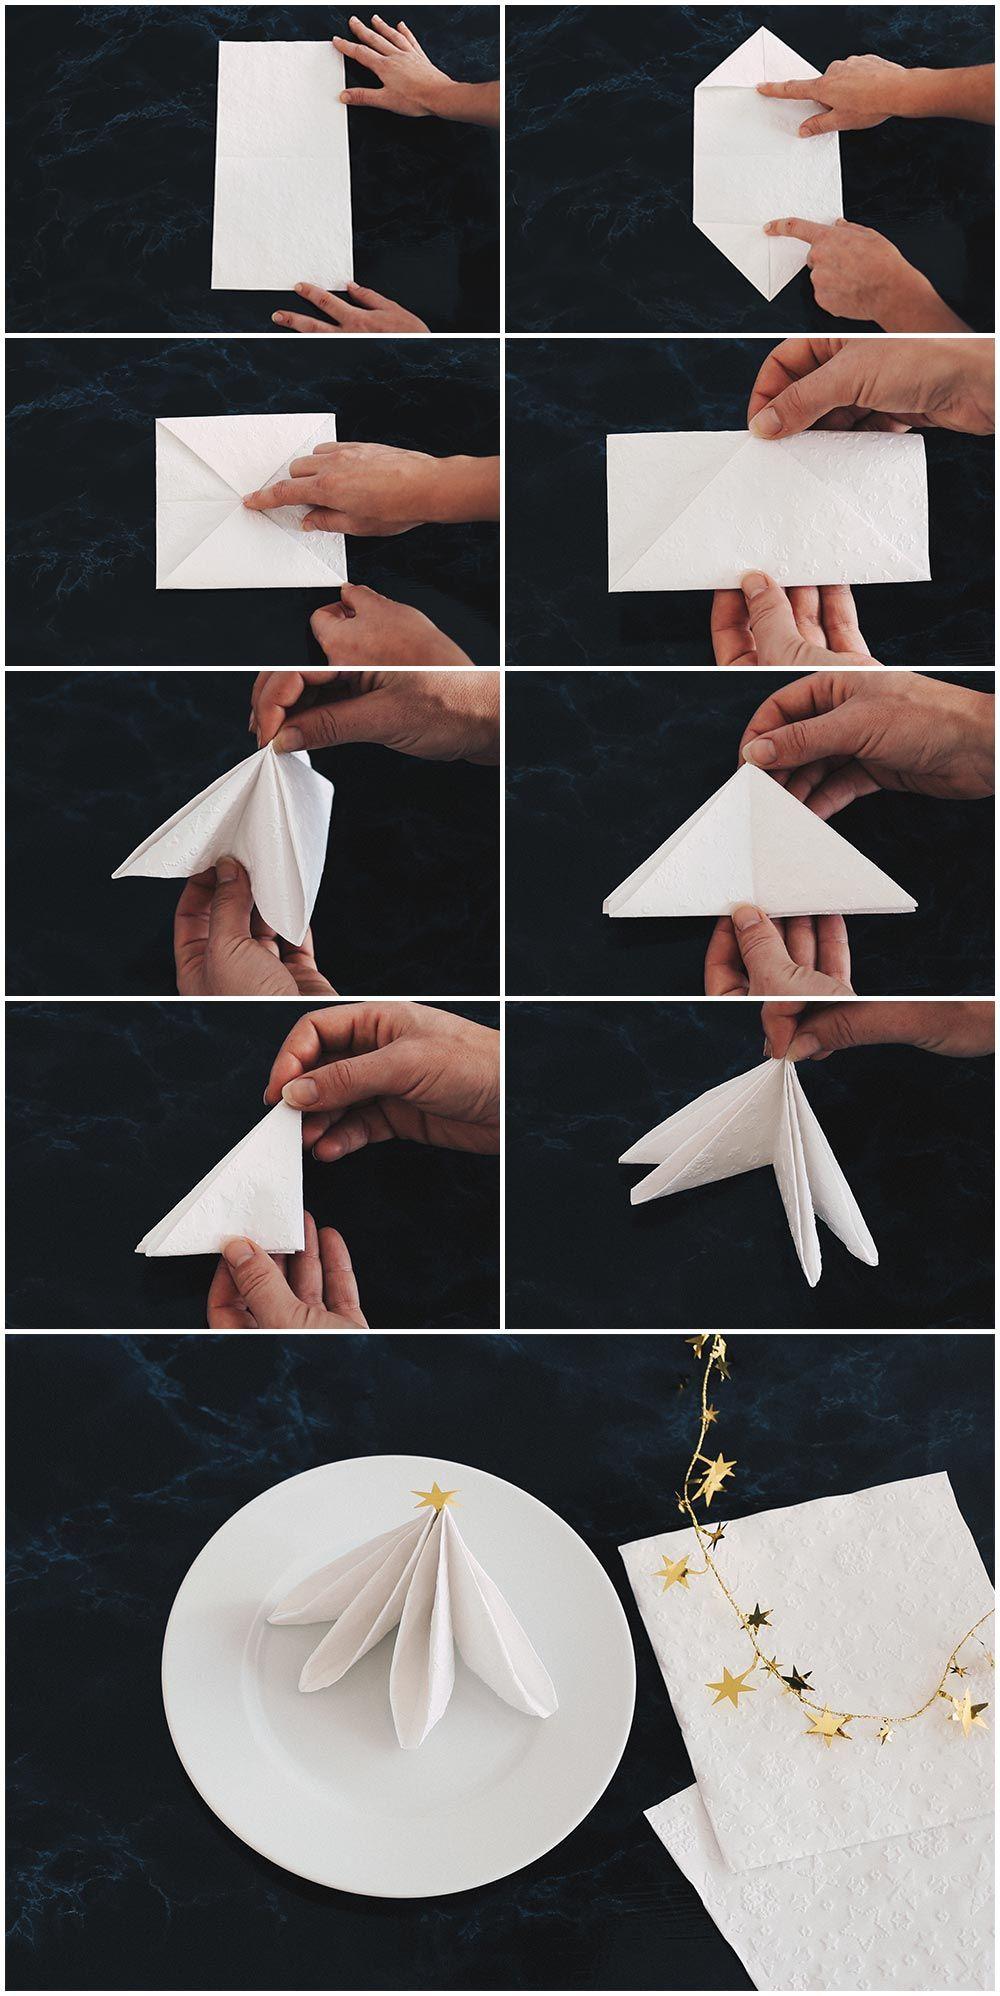 Servietten falten zu Weihnachten: 3 geniale XMAS-Servietten ...